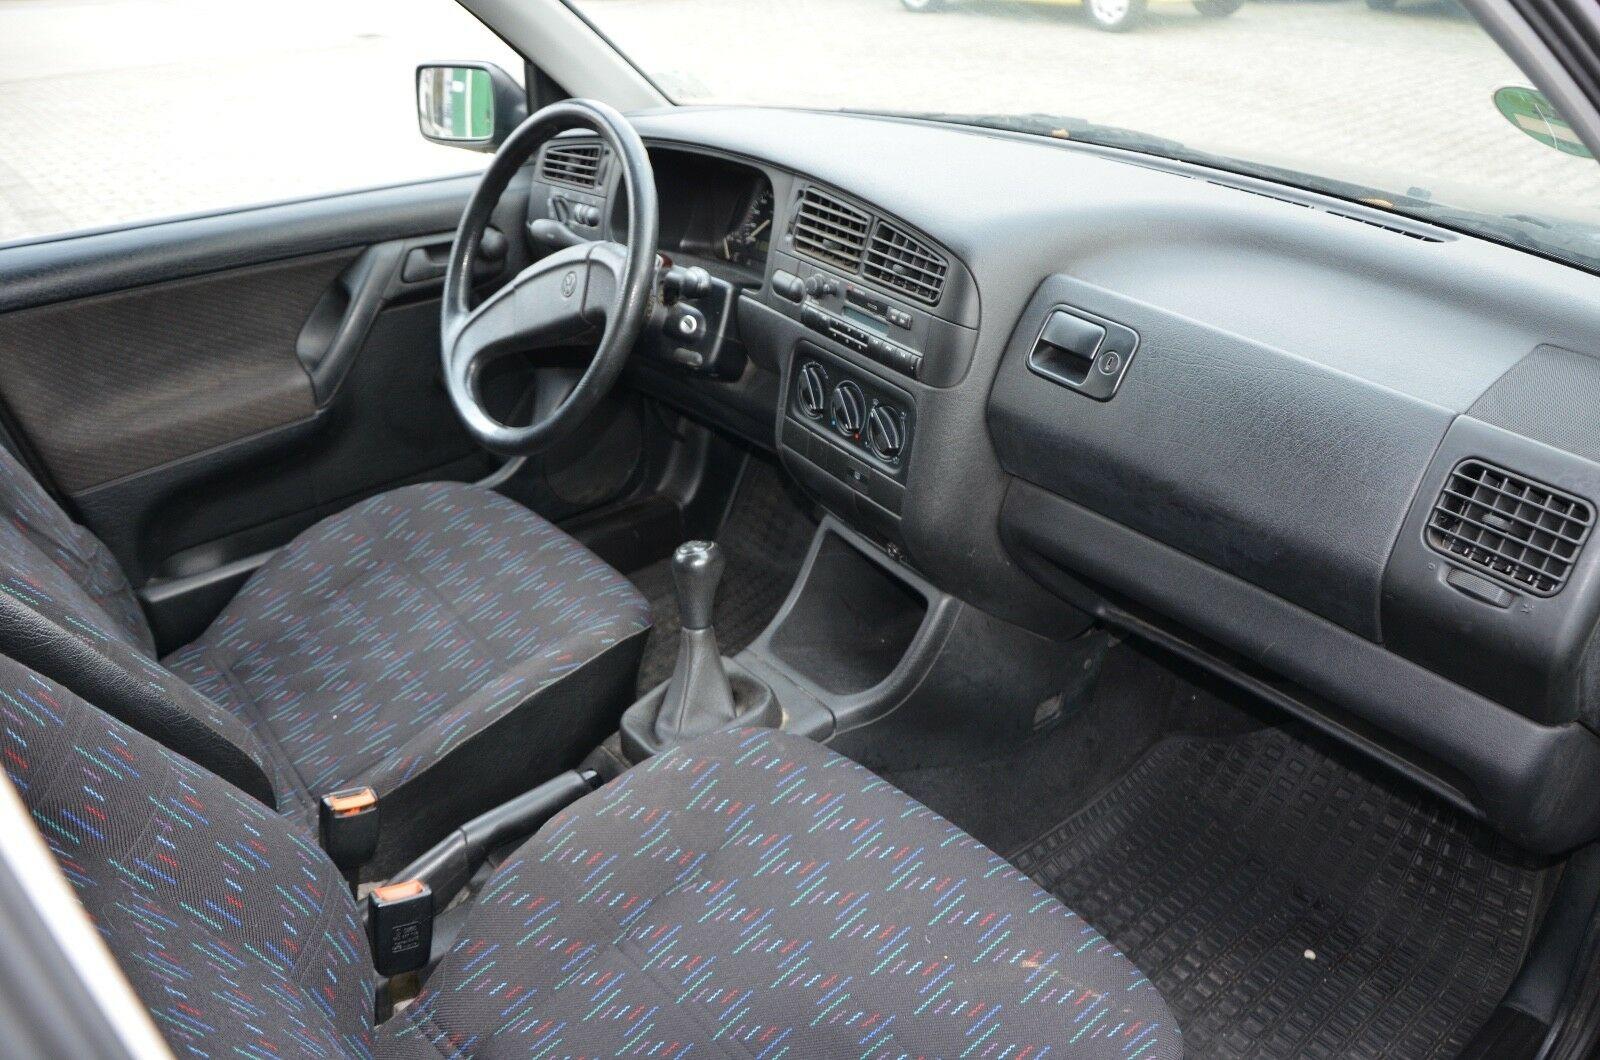 VW Golf 1.6 CL Europe ESSD 8 fach Räder